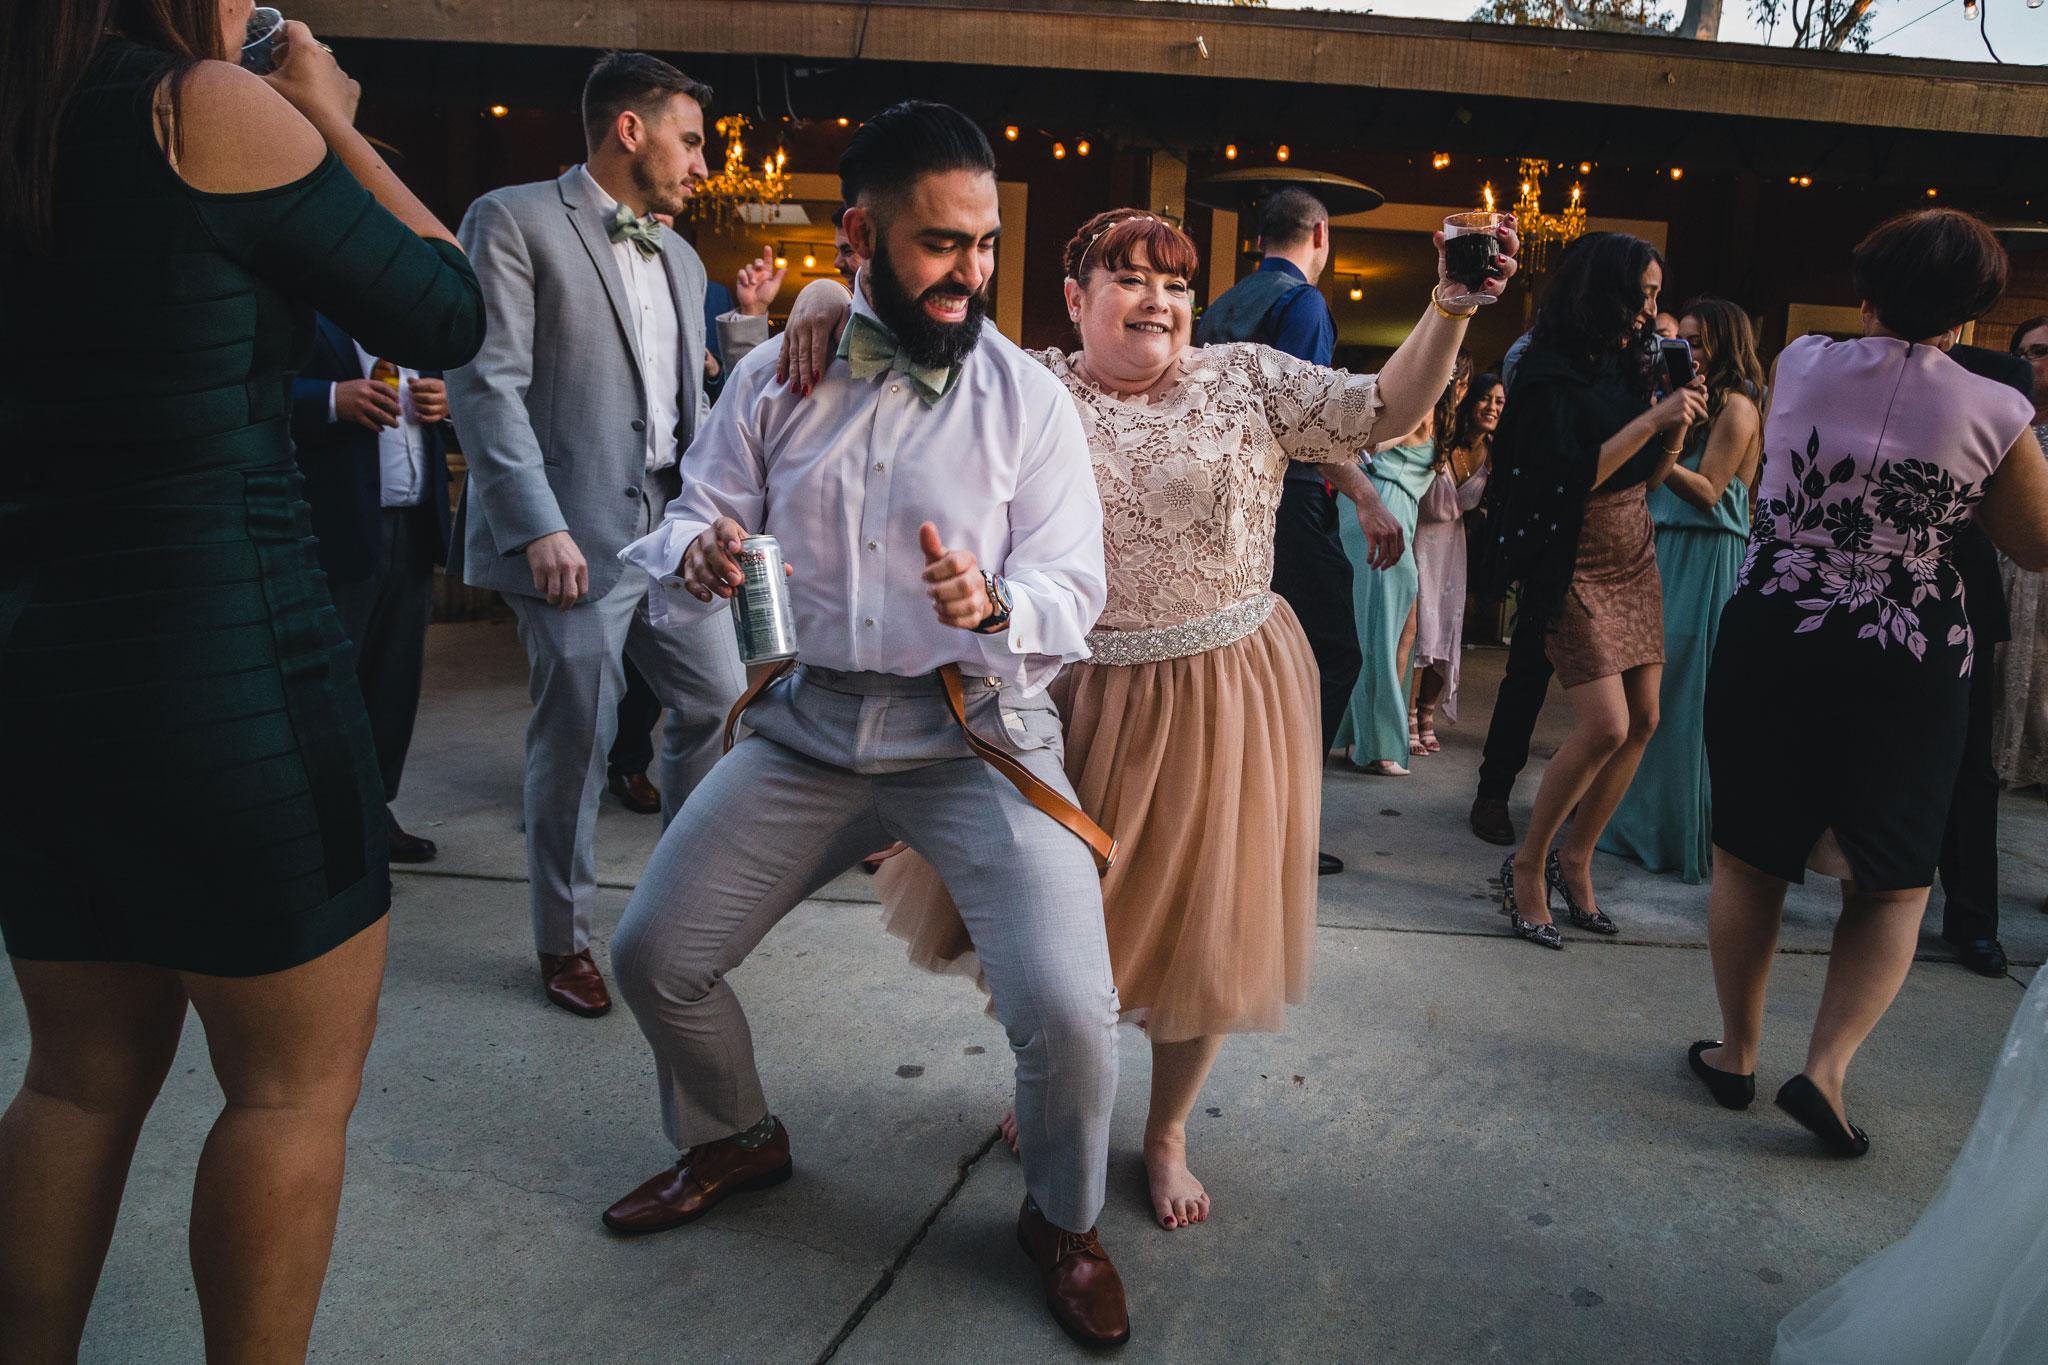 couple dancing at wedding reception los angeles rebecca y las otras photography